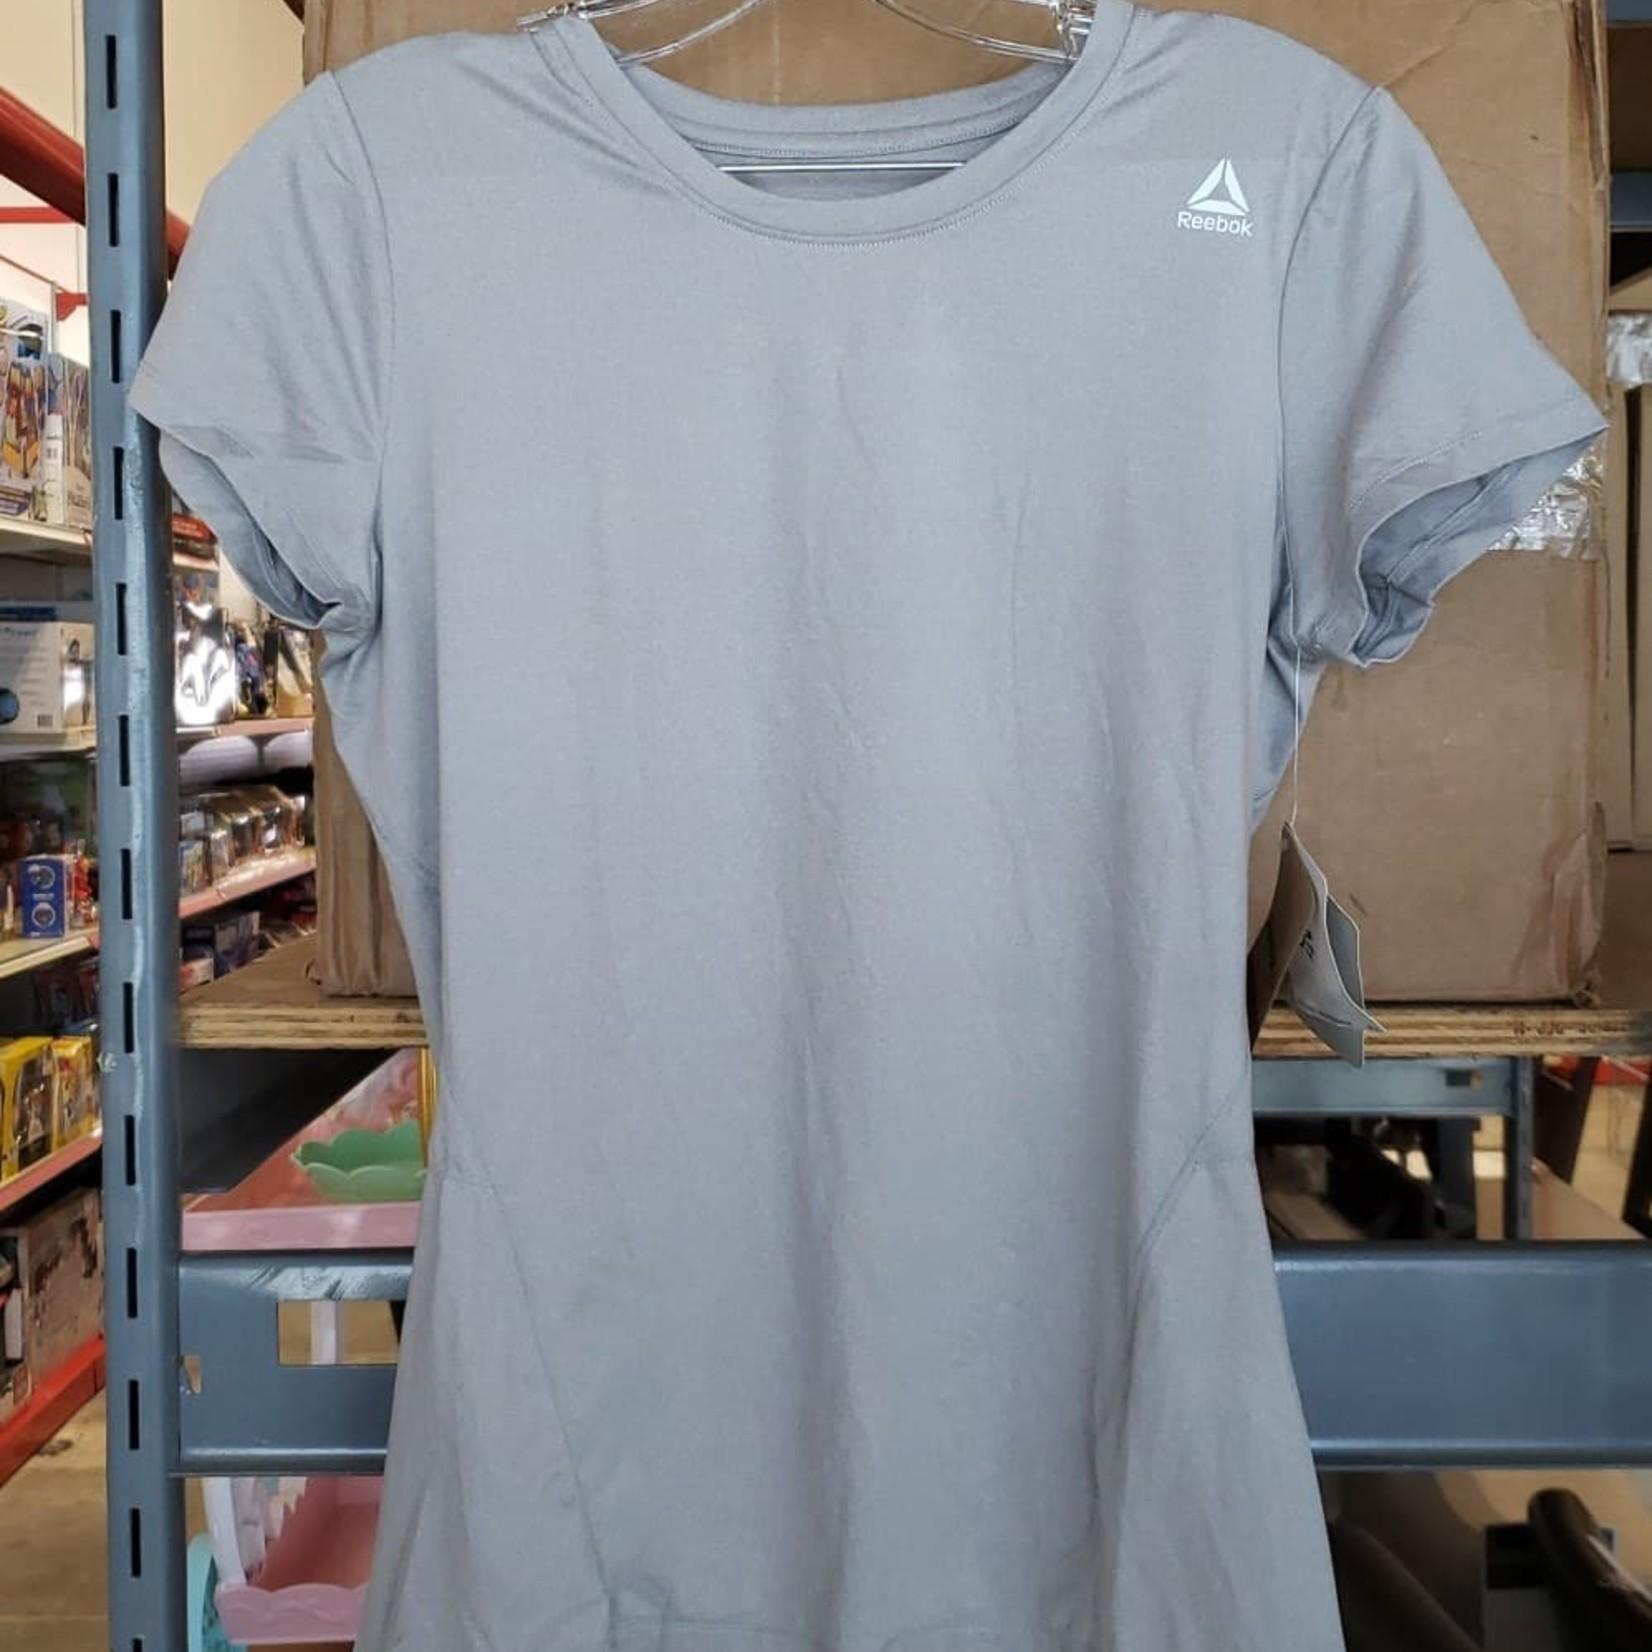 Reebok LIGHT GREY T-Shirt Women's SMALL